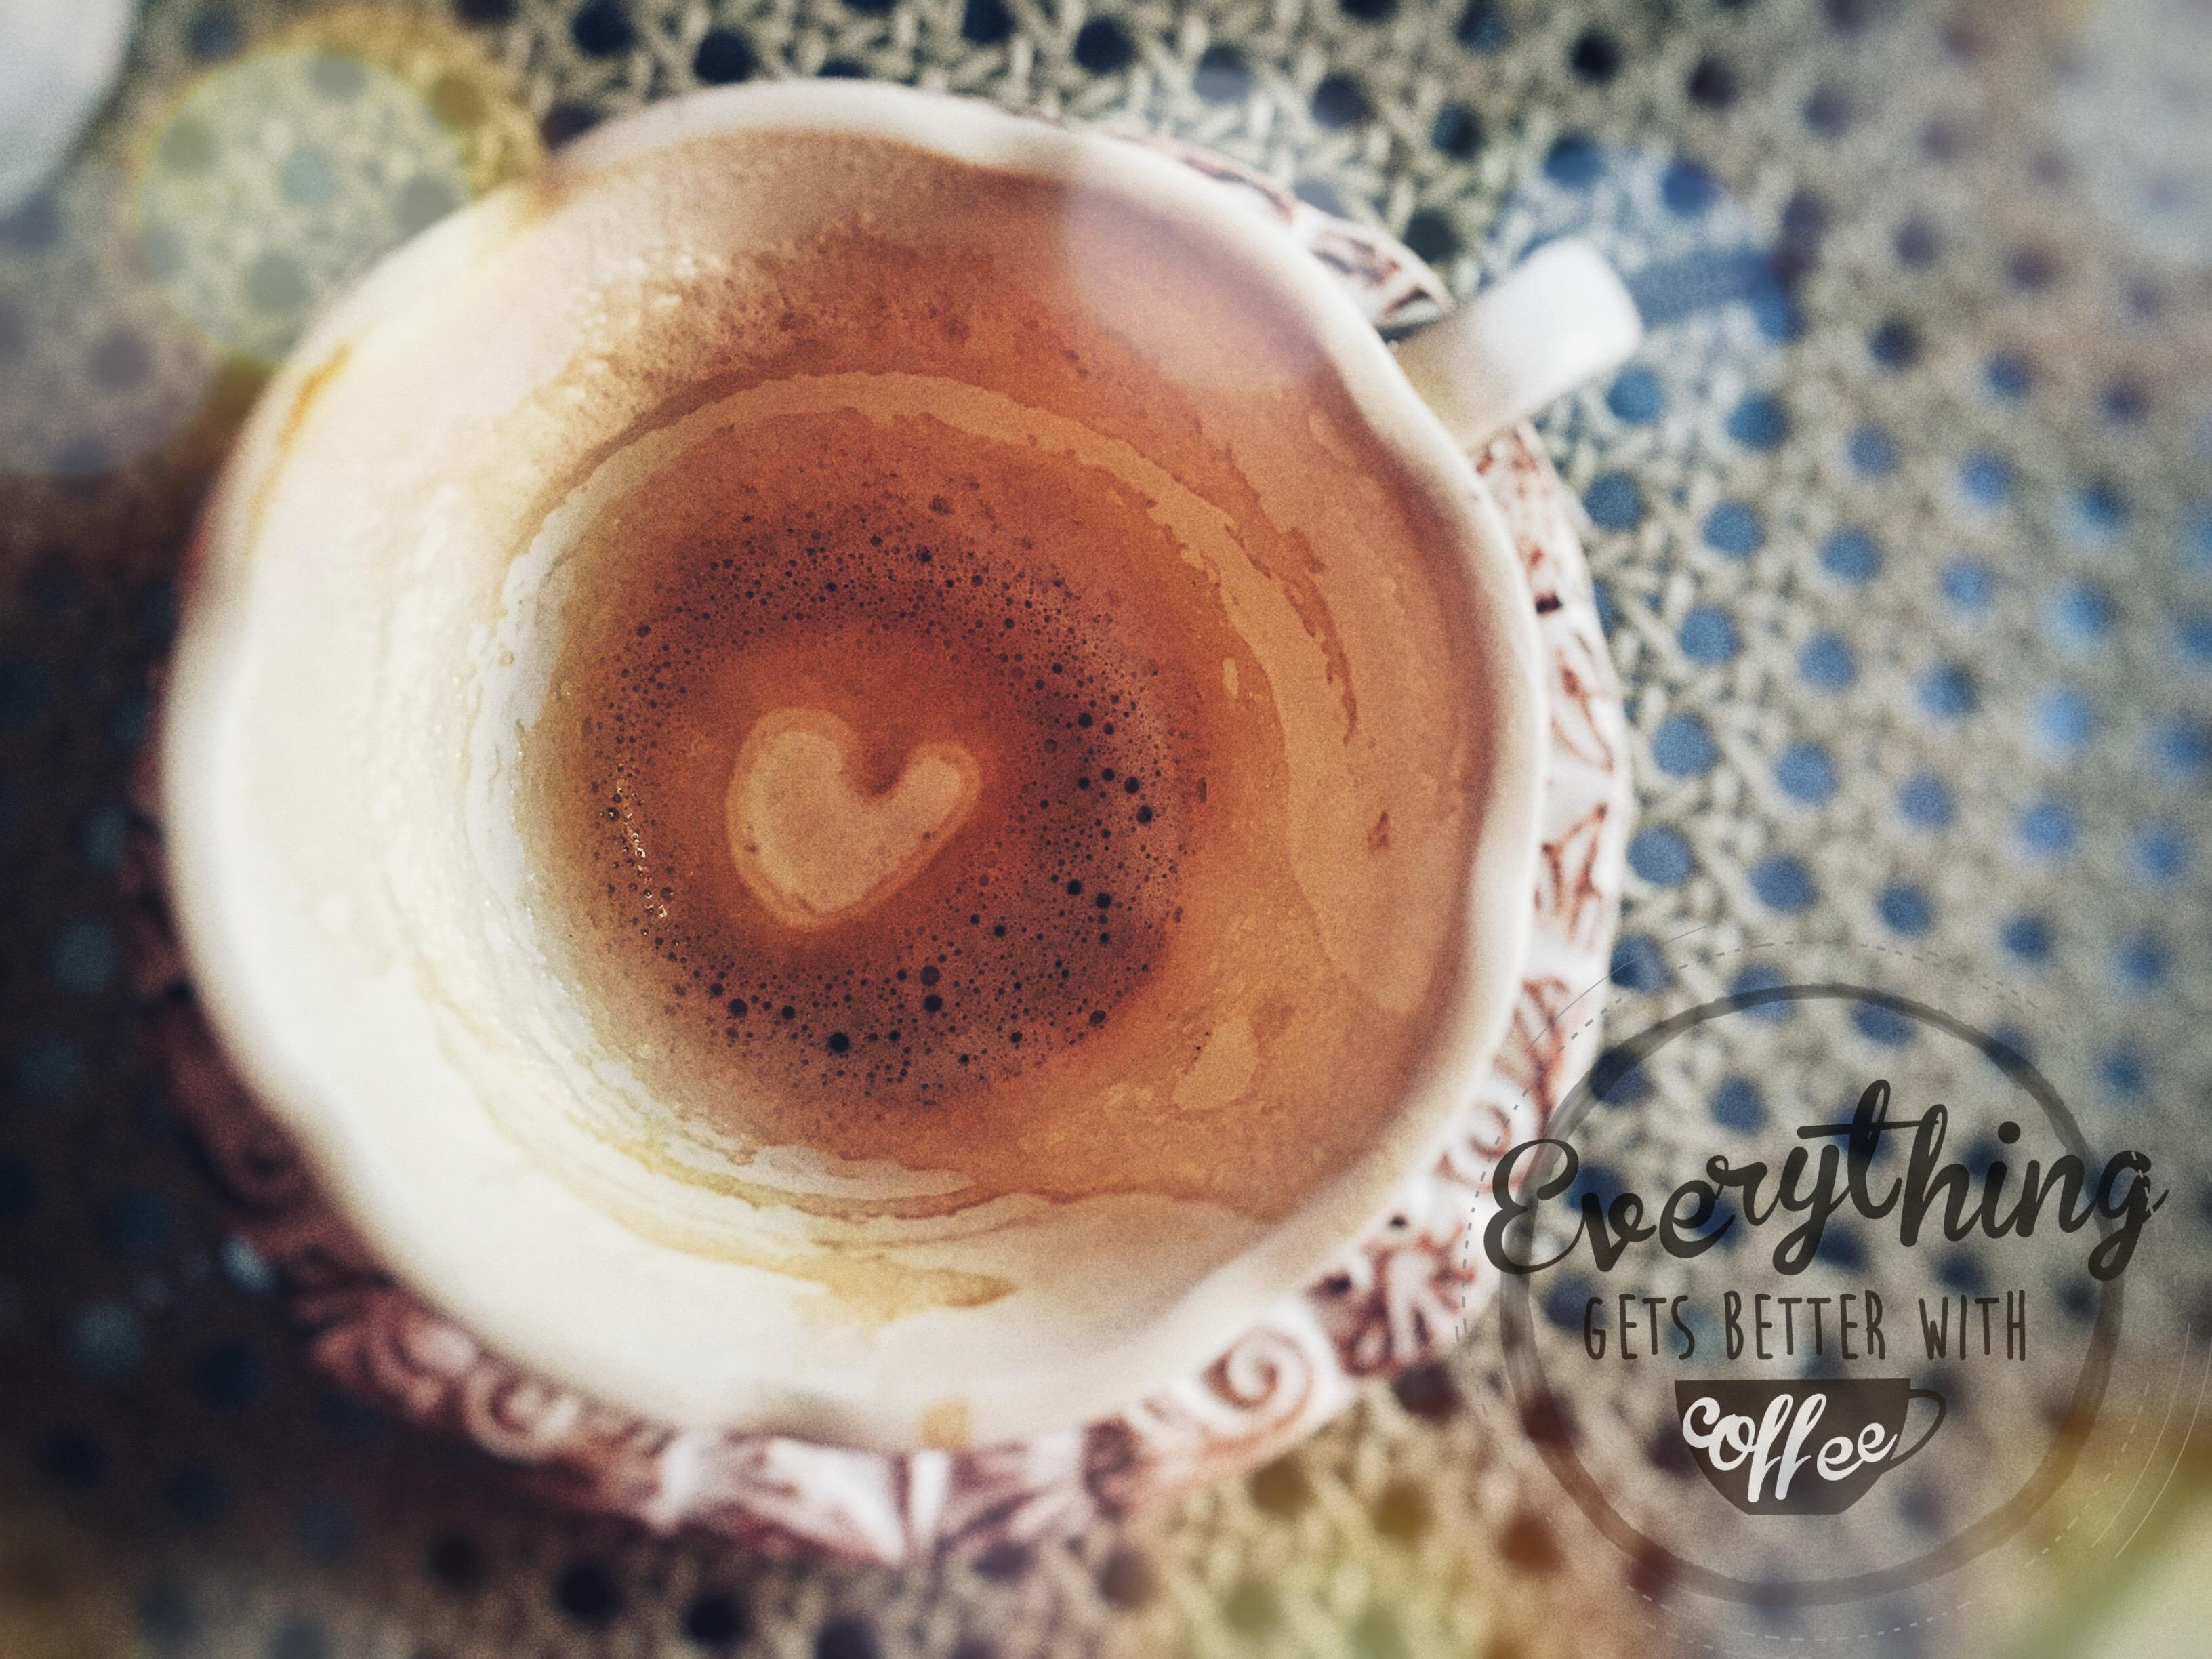 Alles geht besser mit Kaffee